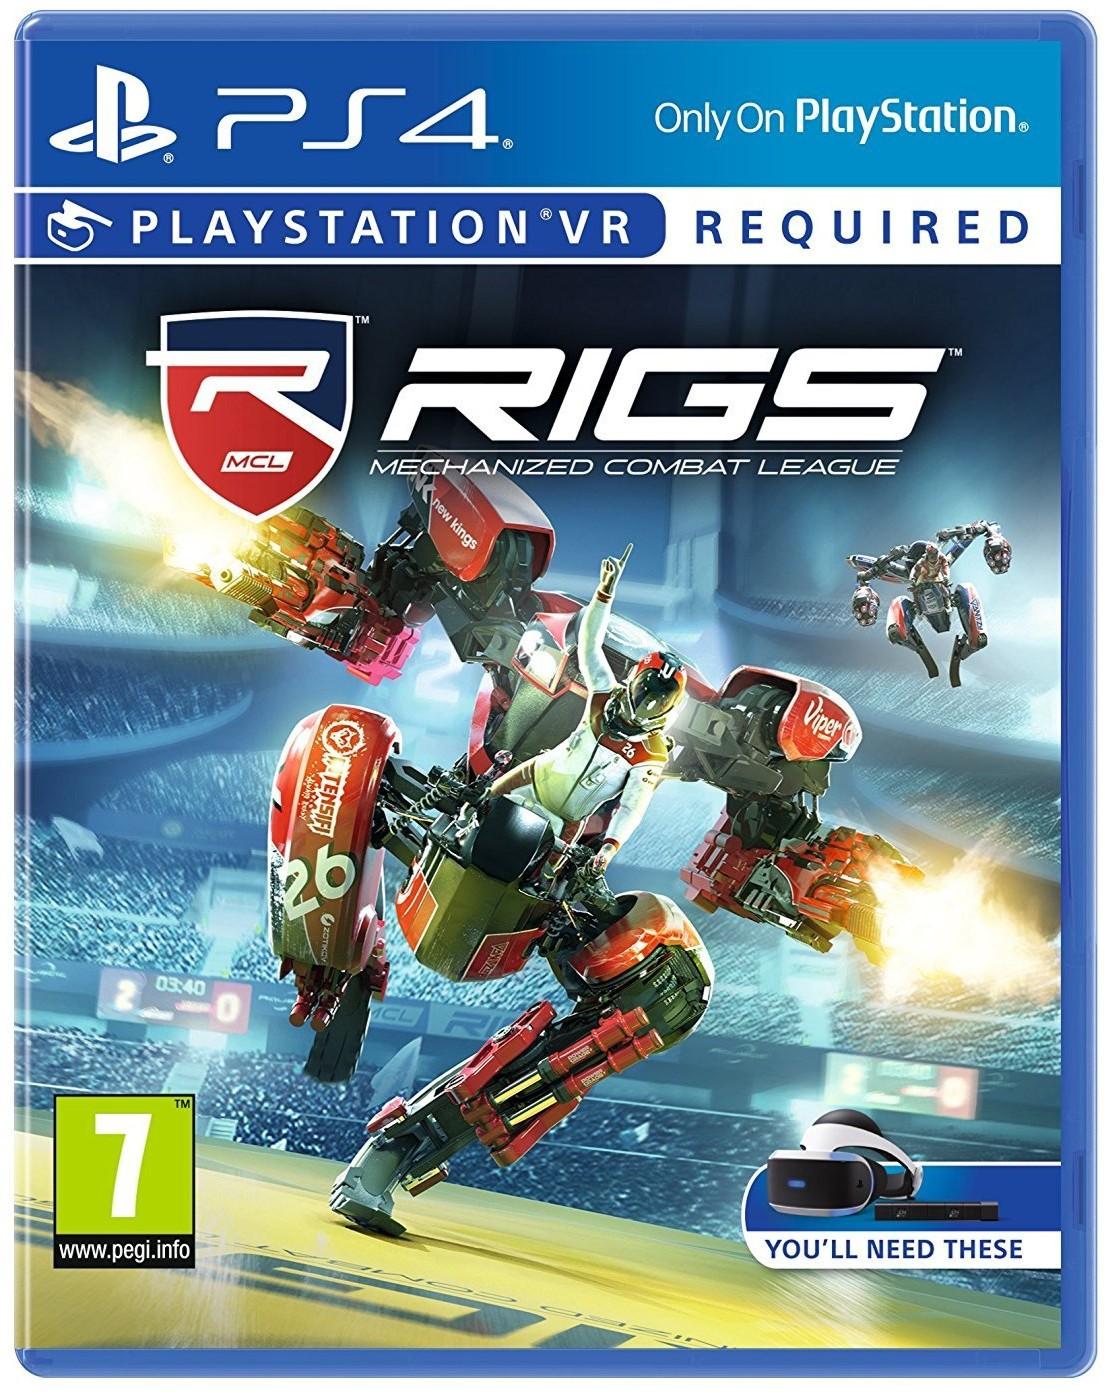 RIGS Mechanized Combat League - PS4 VR